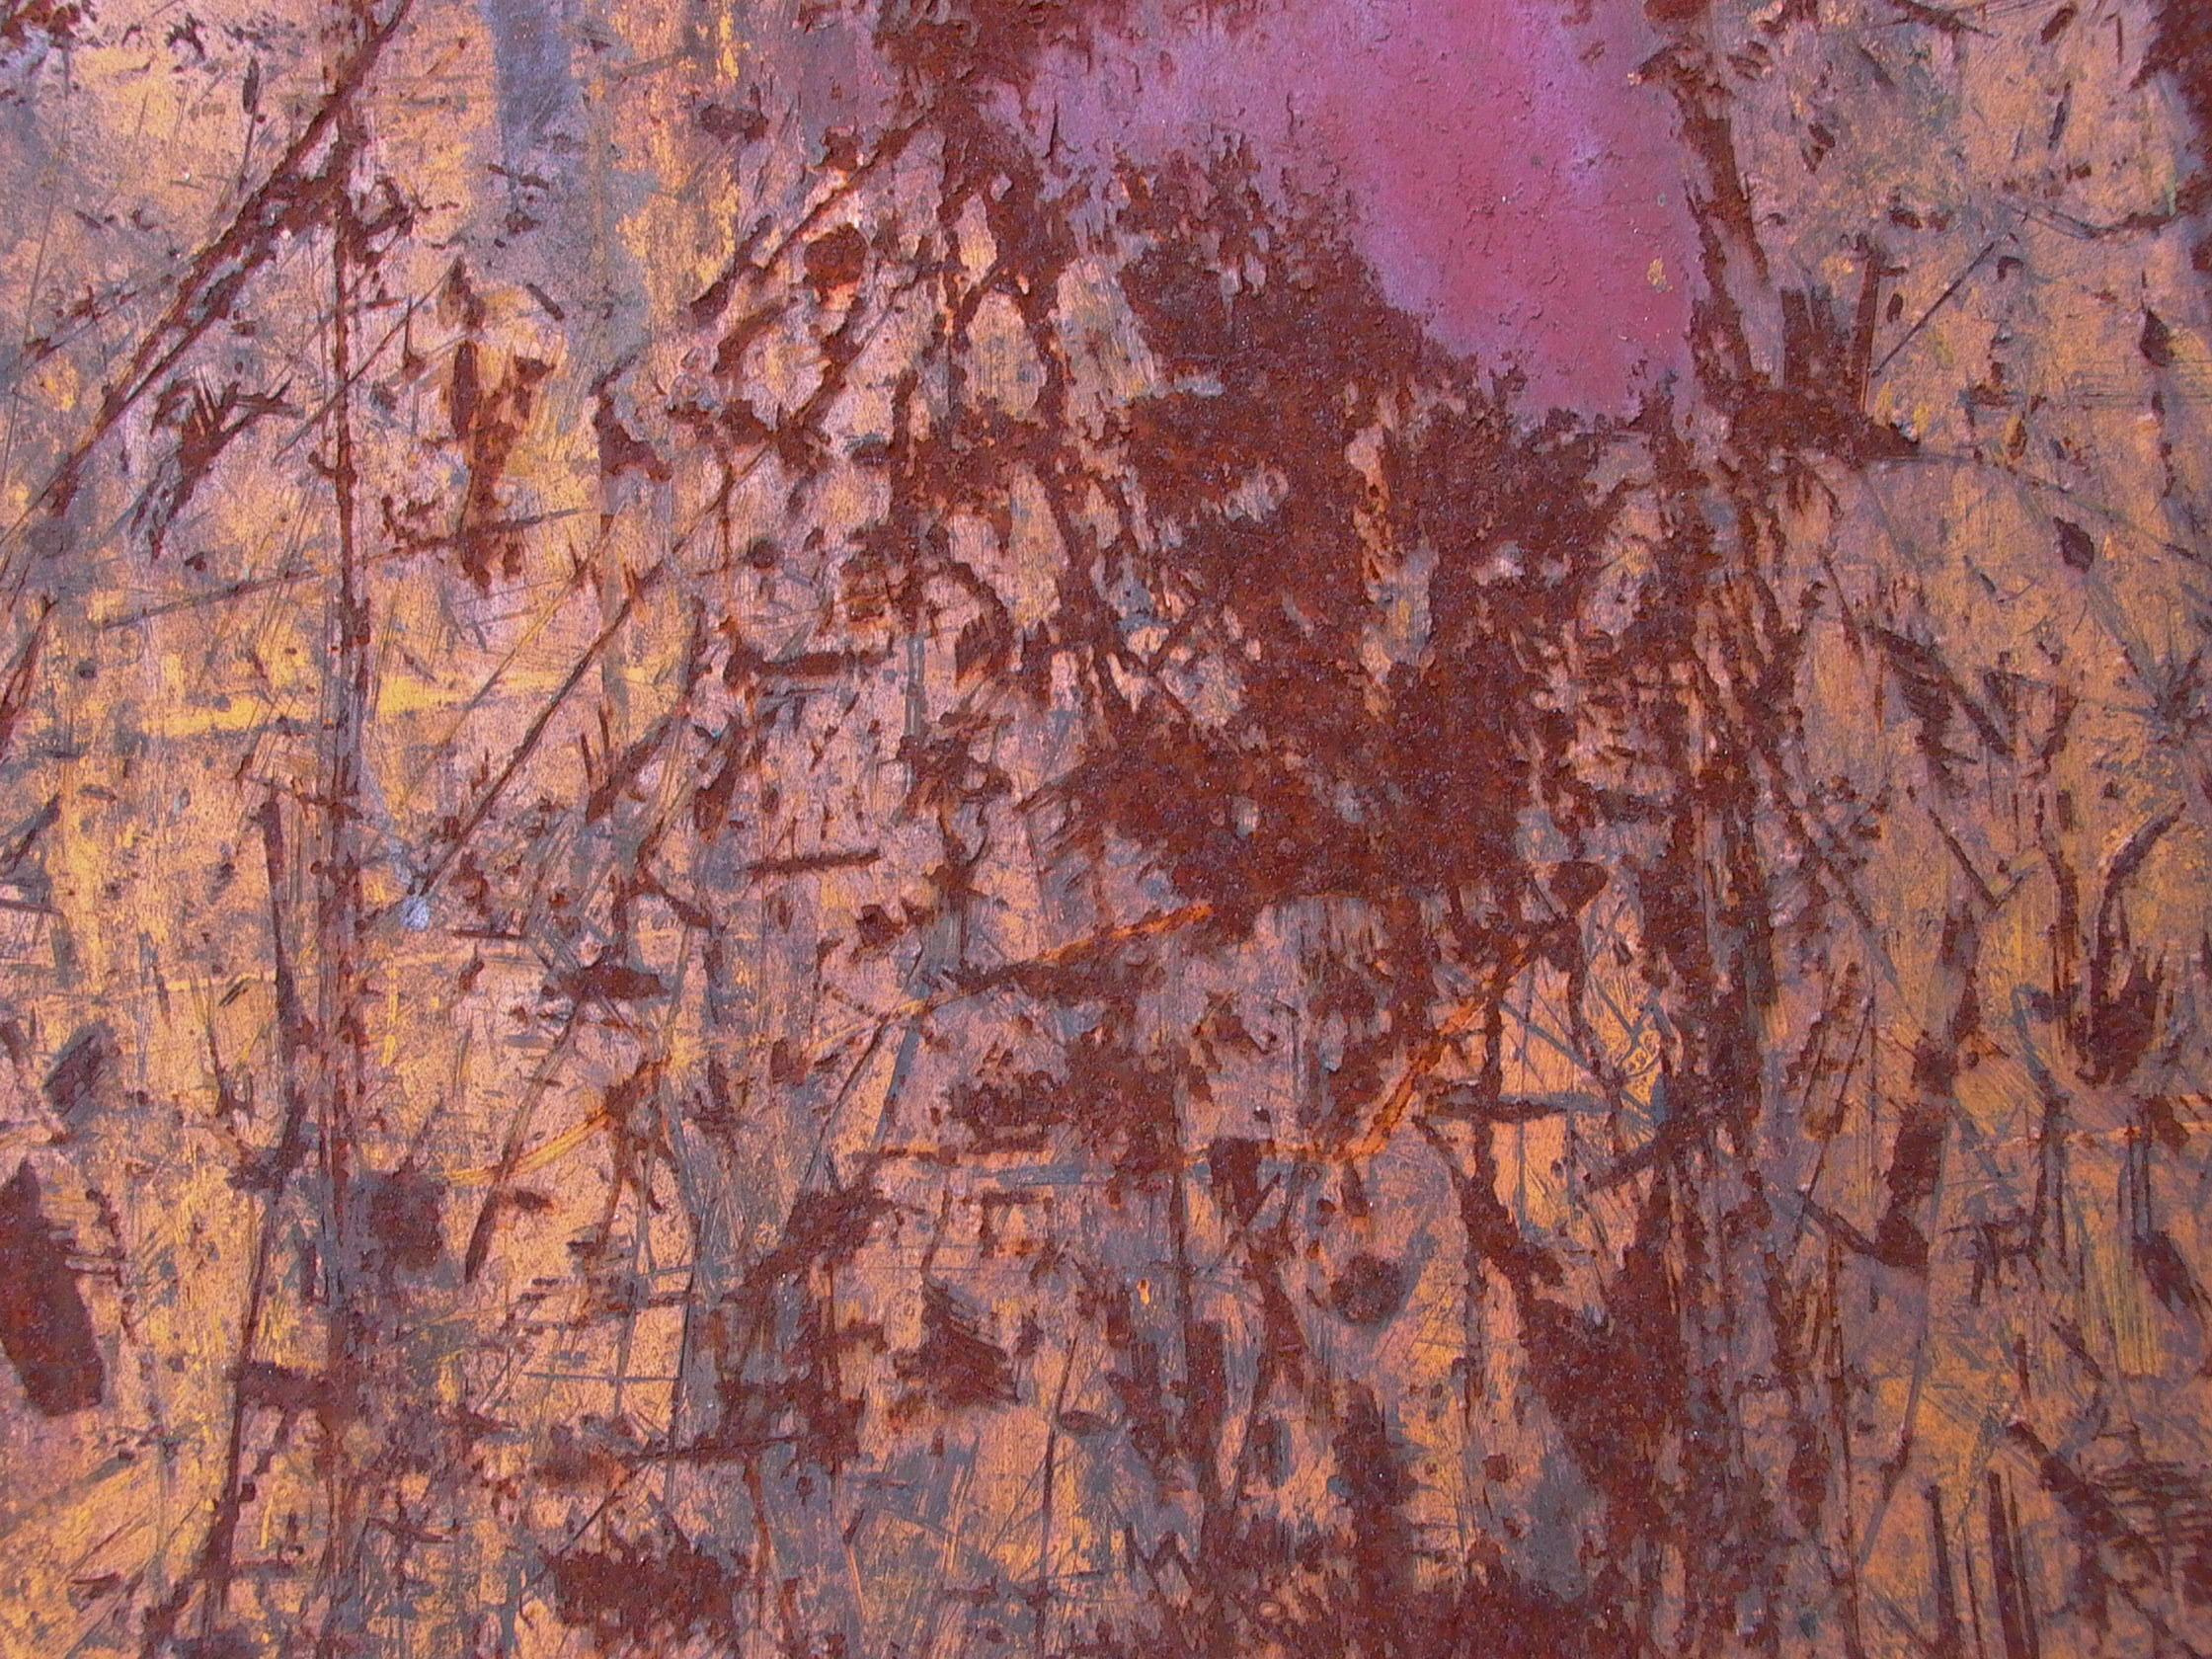 Red Bin Scratch by koopseht